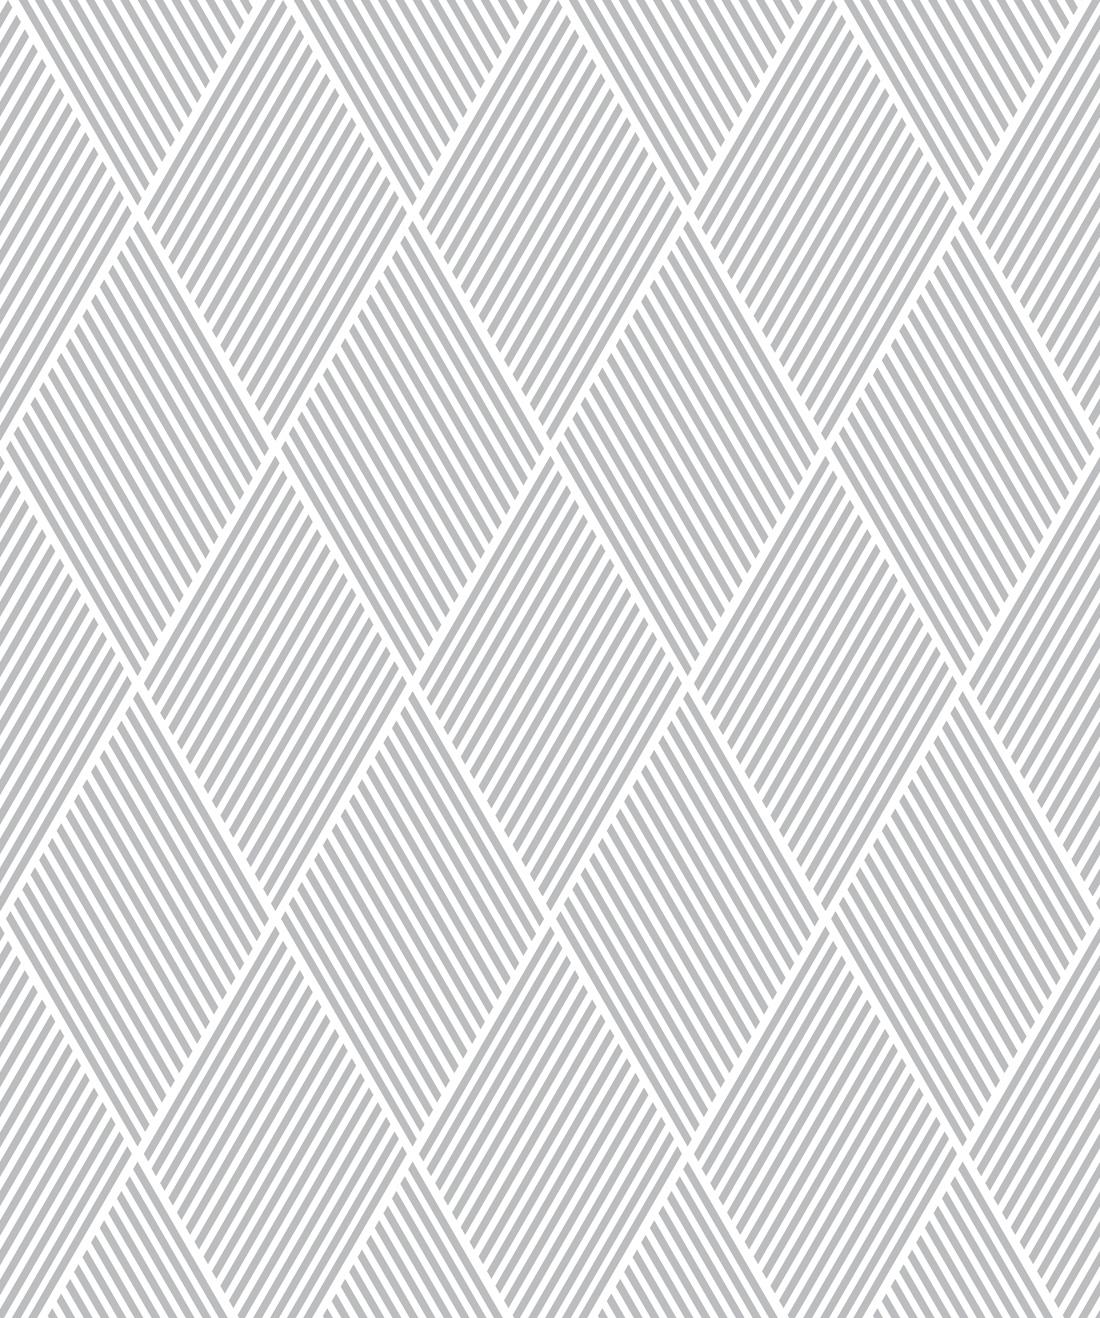 Dash Wallpaper